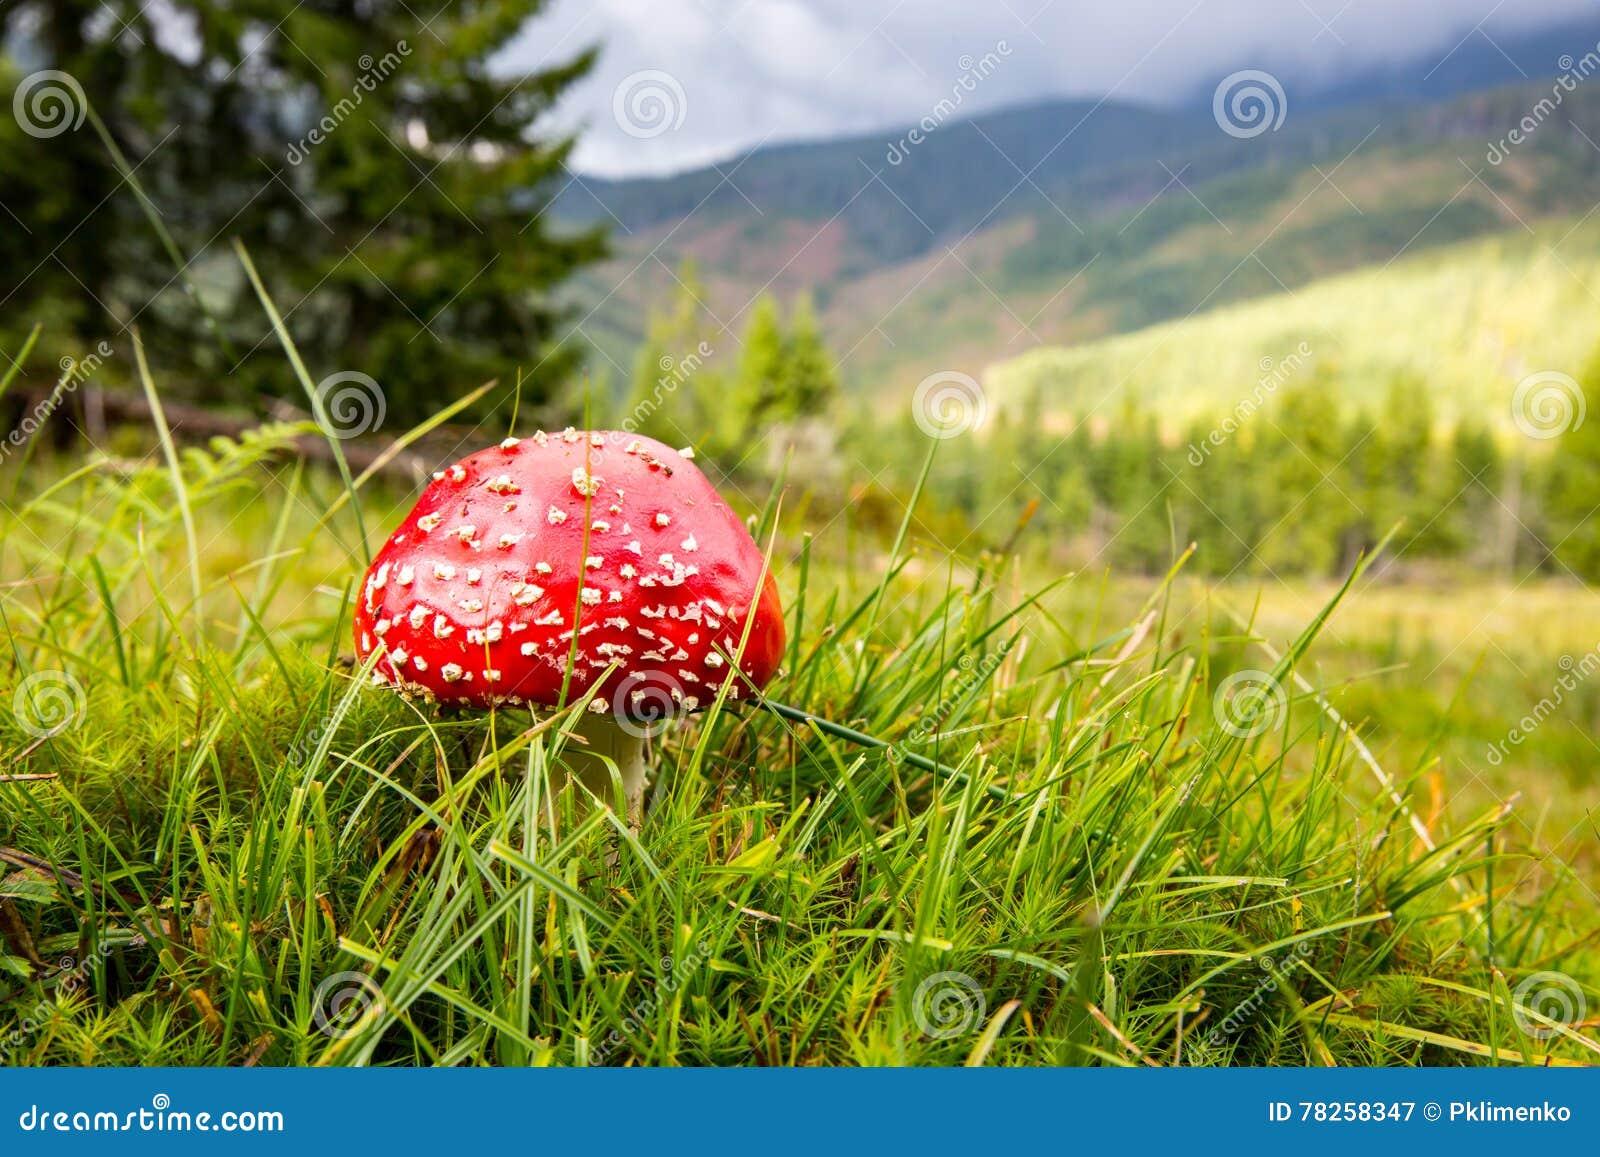 Μανιτάρι αγαρικών μυγών στο λιβάδι στα βουνά